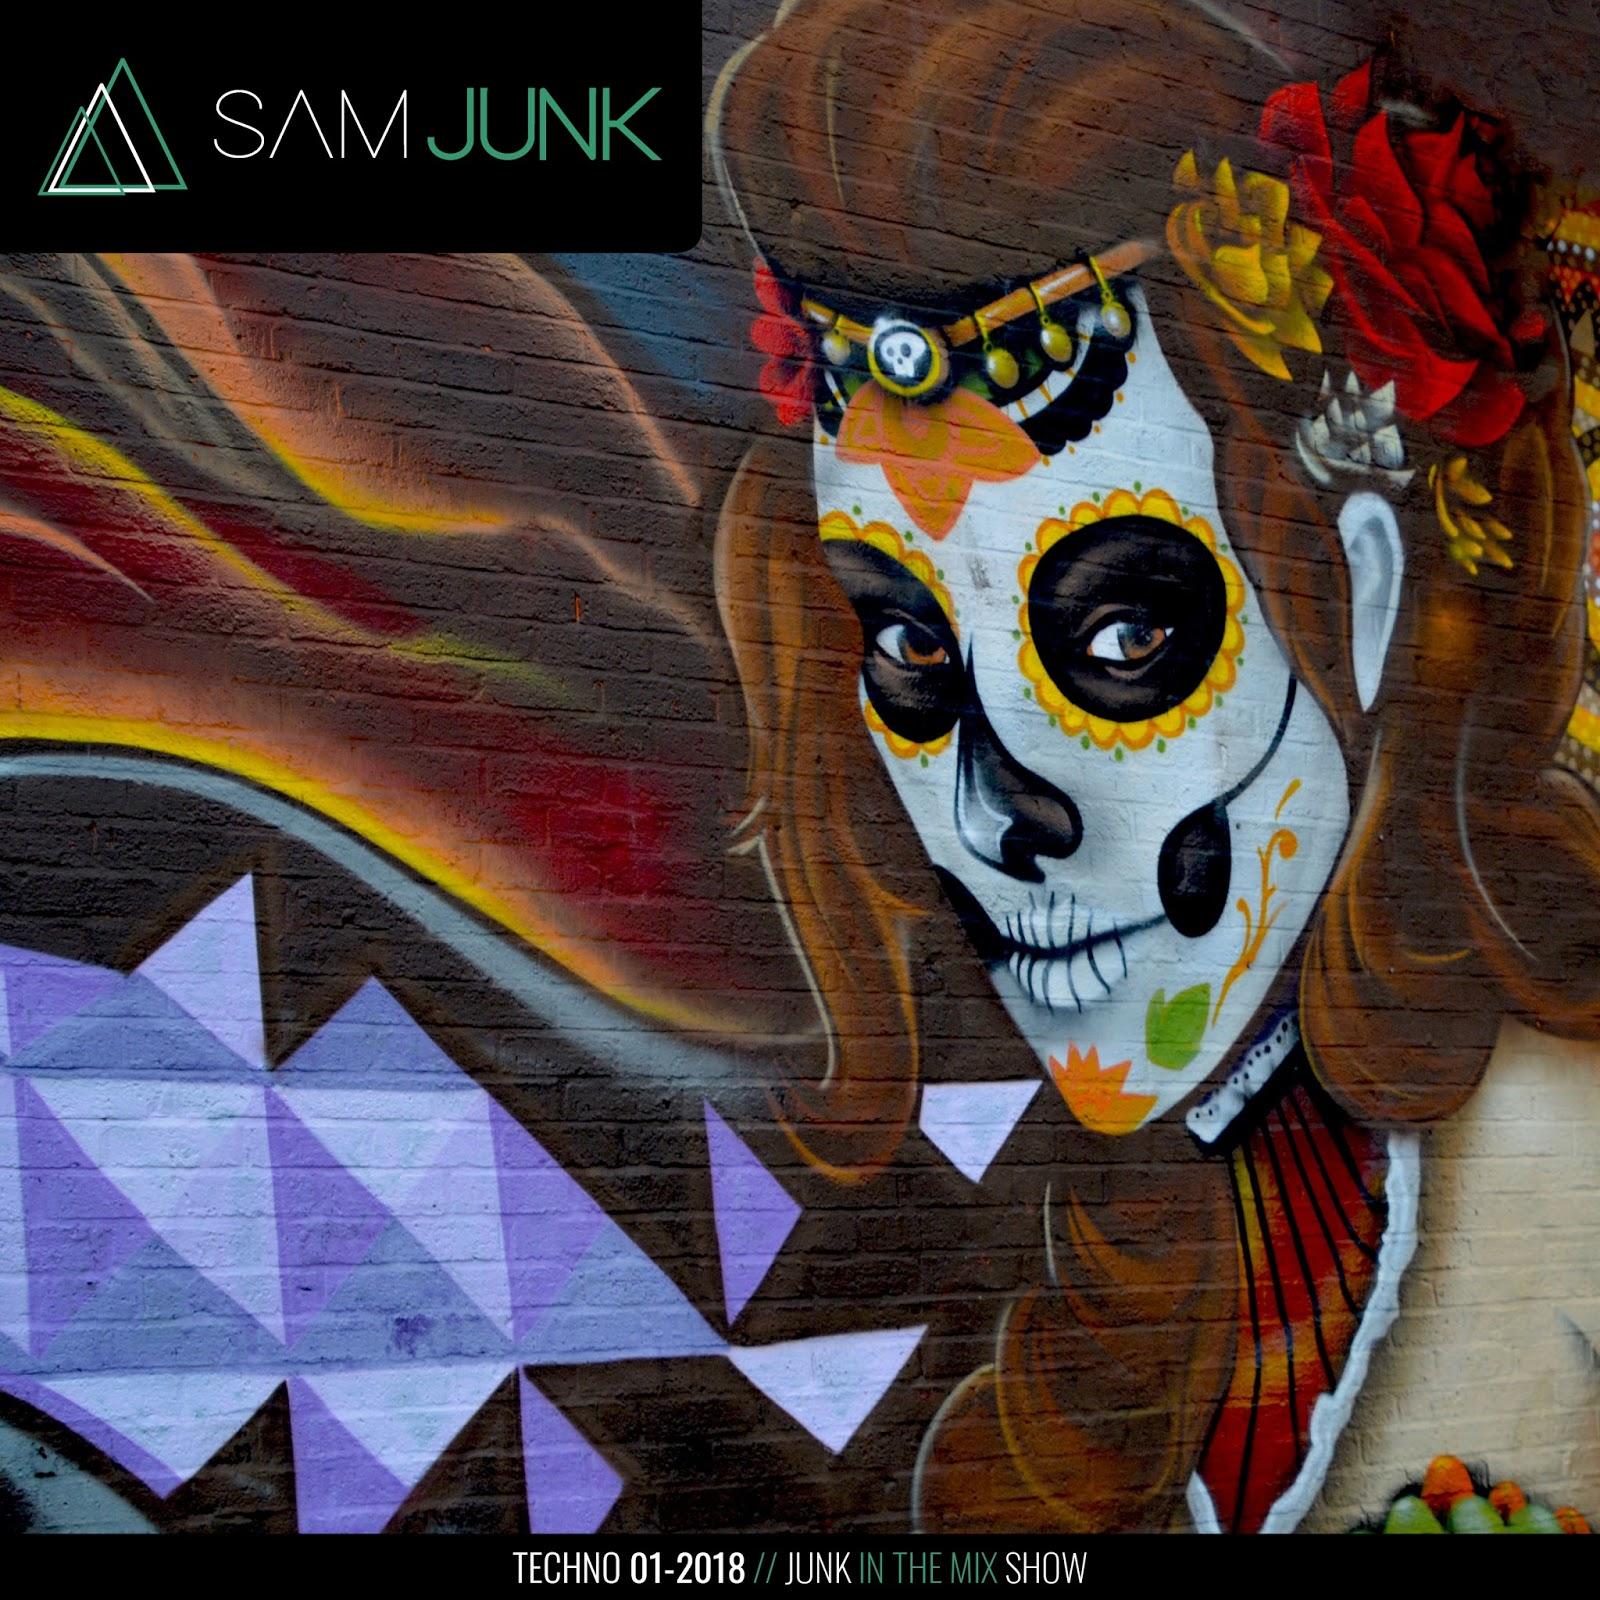 Sam Junk in the Mix (Junk Techno 01 2018 DJ Mix)